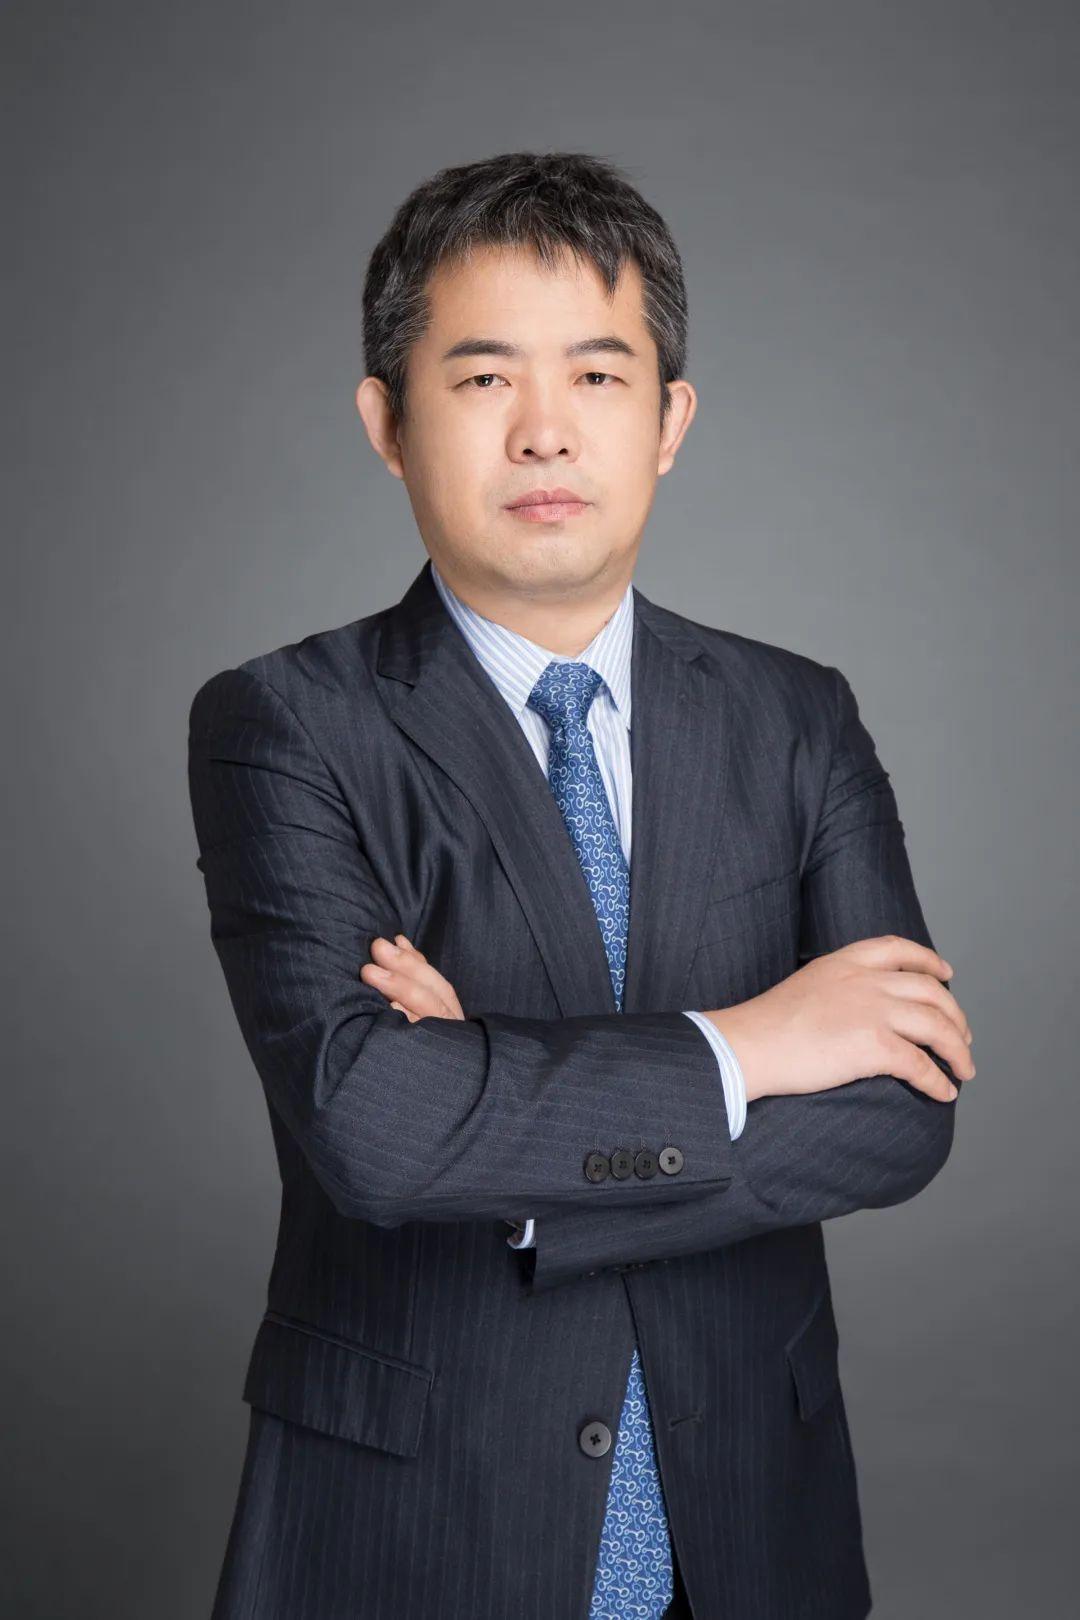 博时基金魏凤春:关注成长股投资机会 市场围绕两方面布局